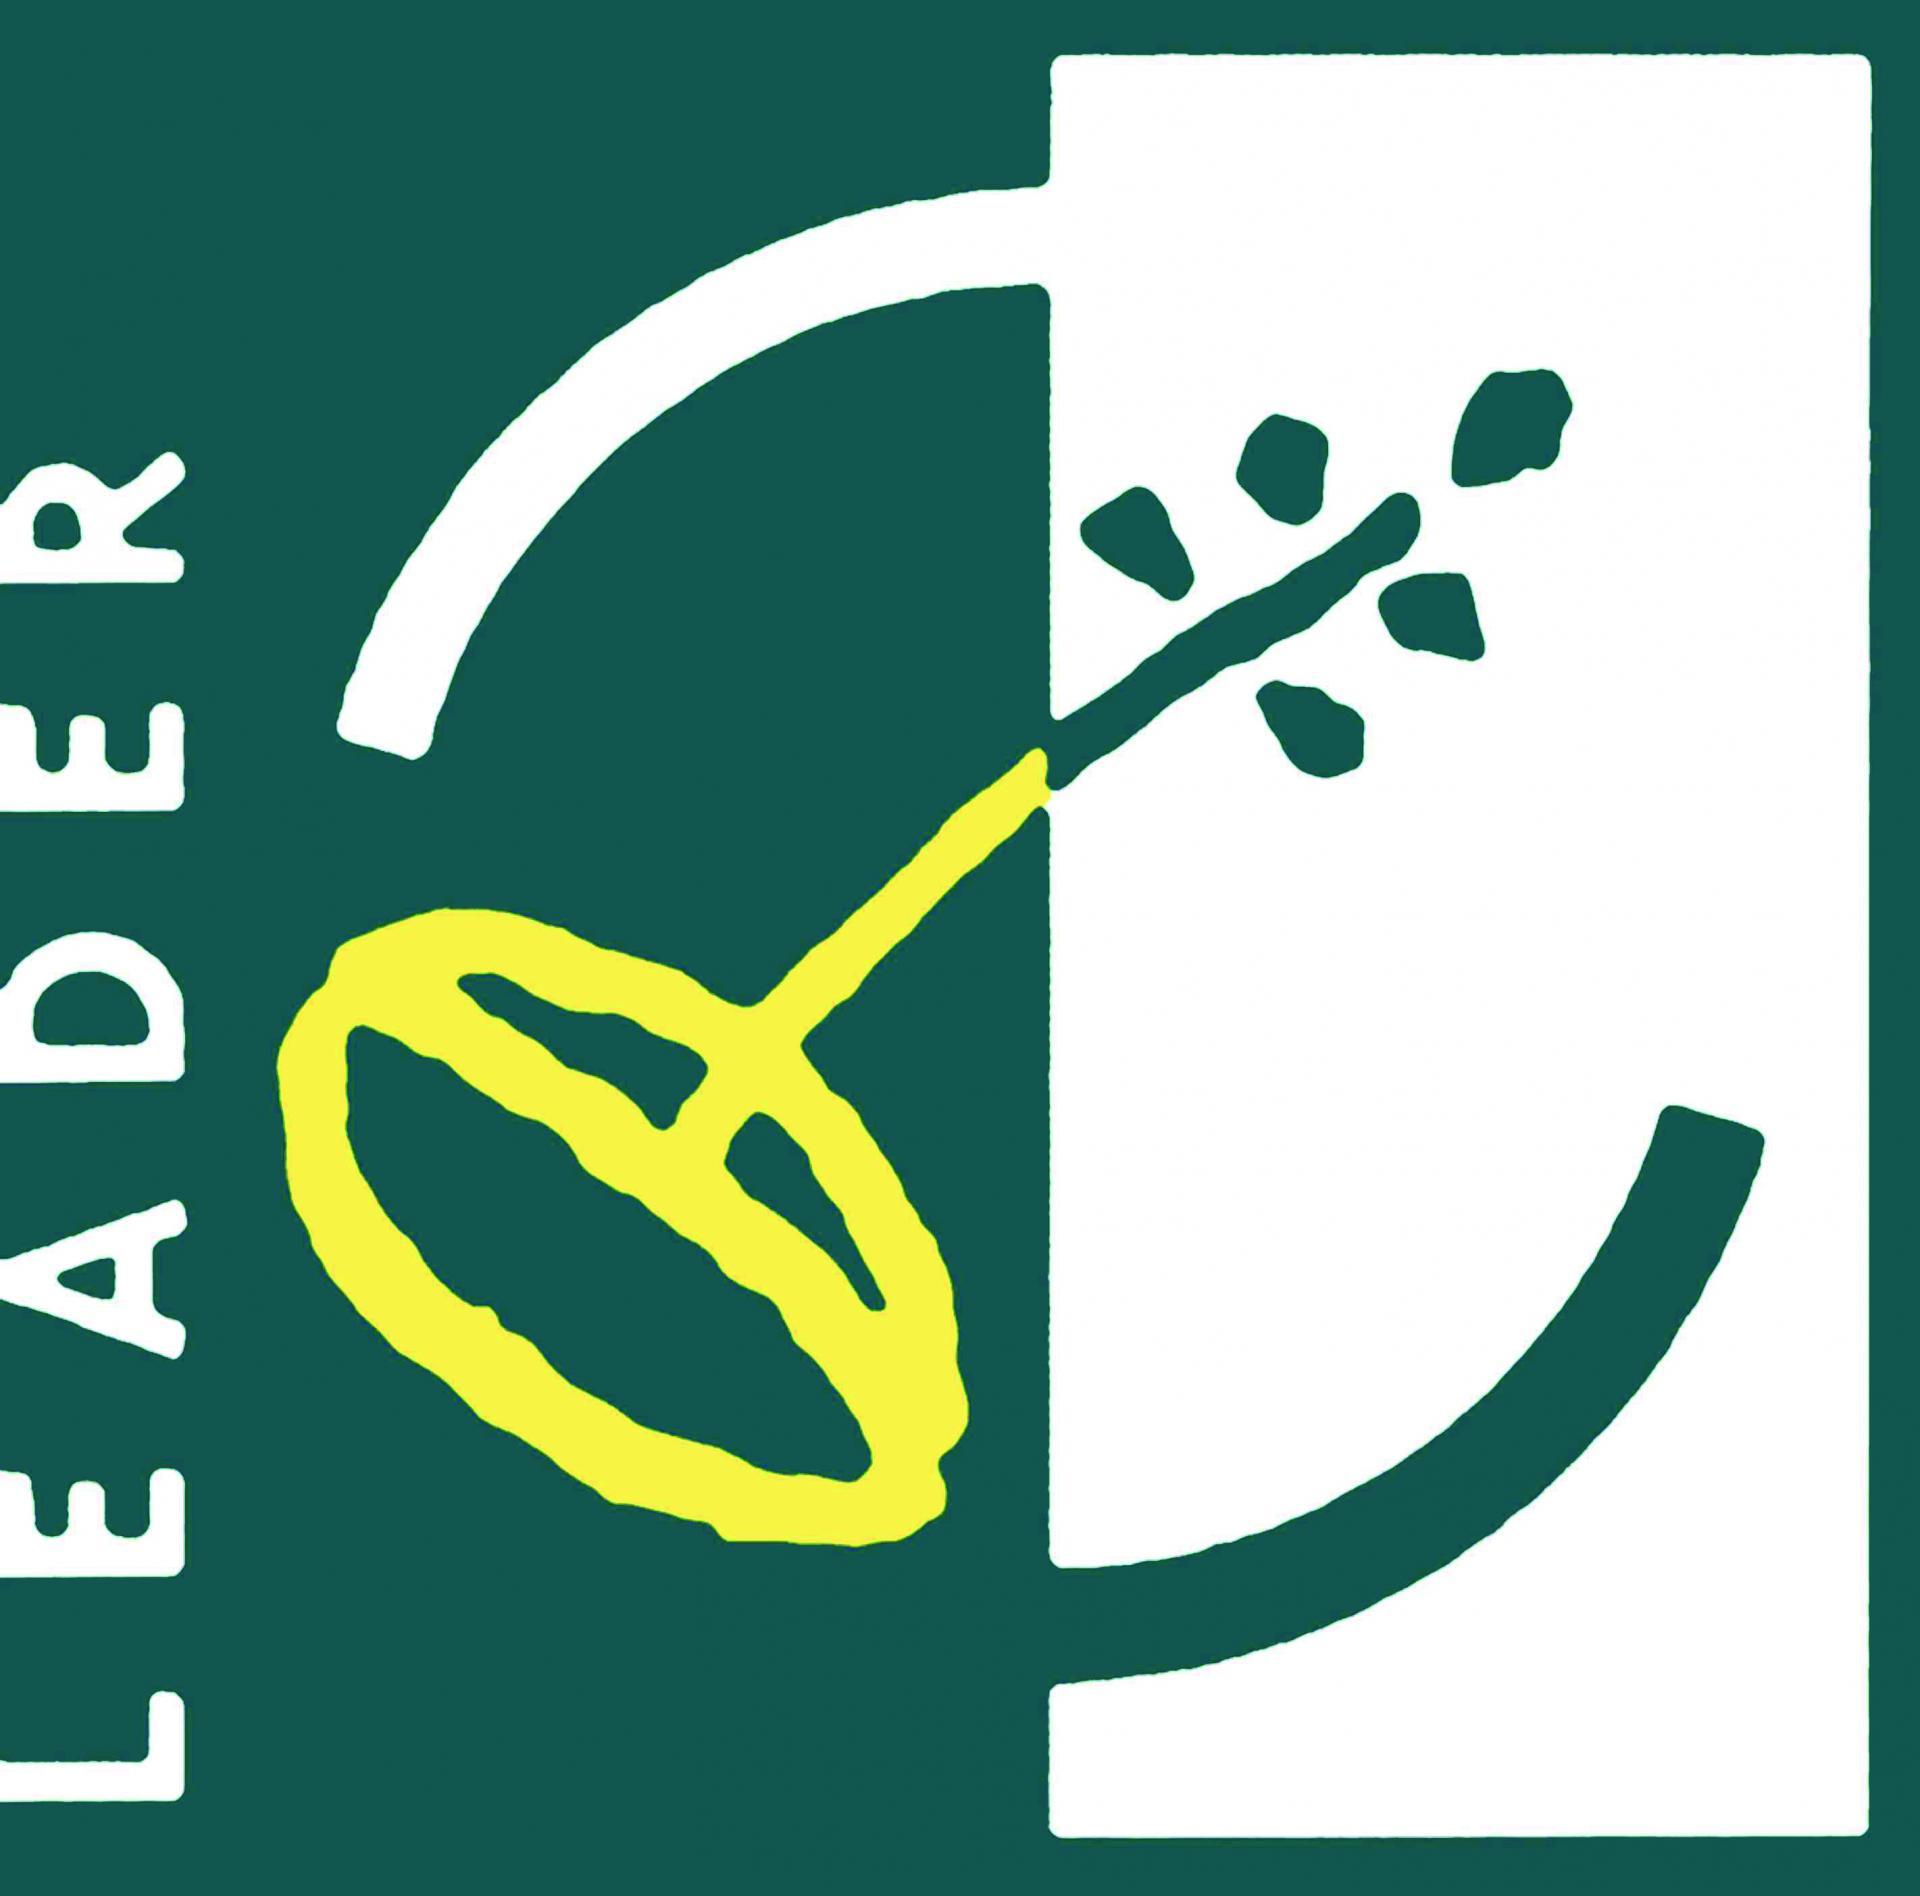 Logo leader htedef